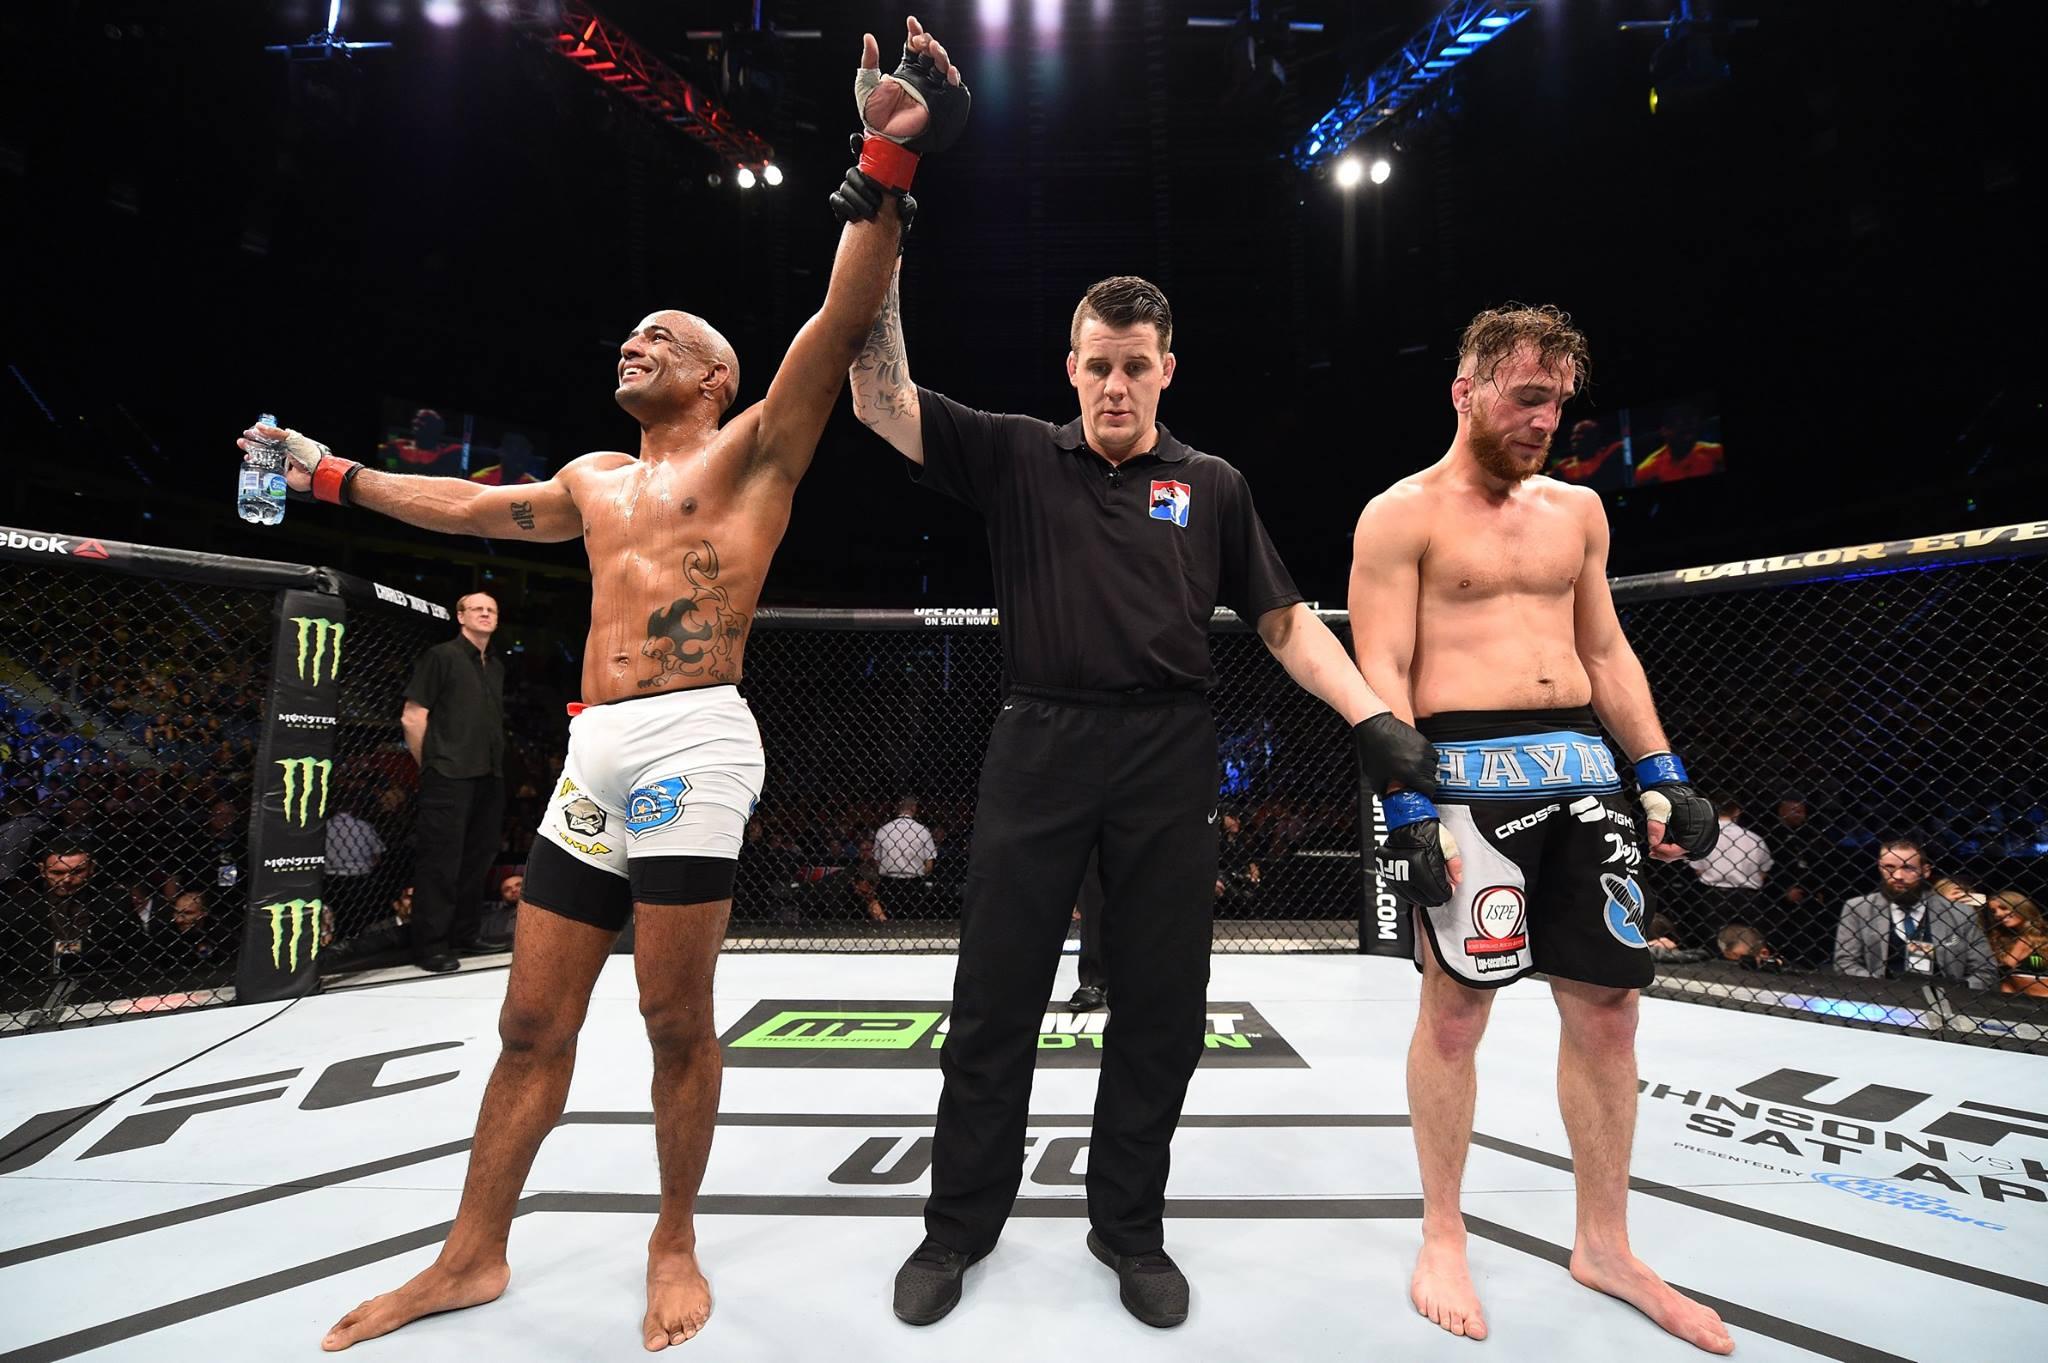 Serginho venceu por decisão unânime. Foto: UFC/Divulgação